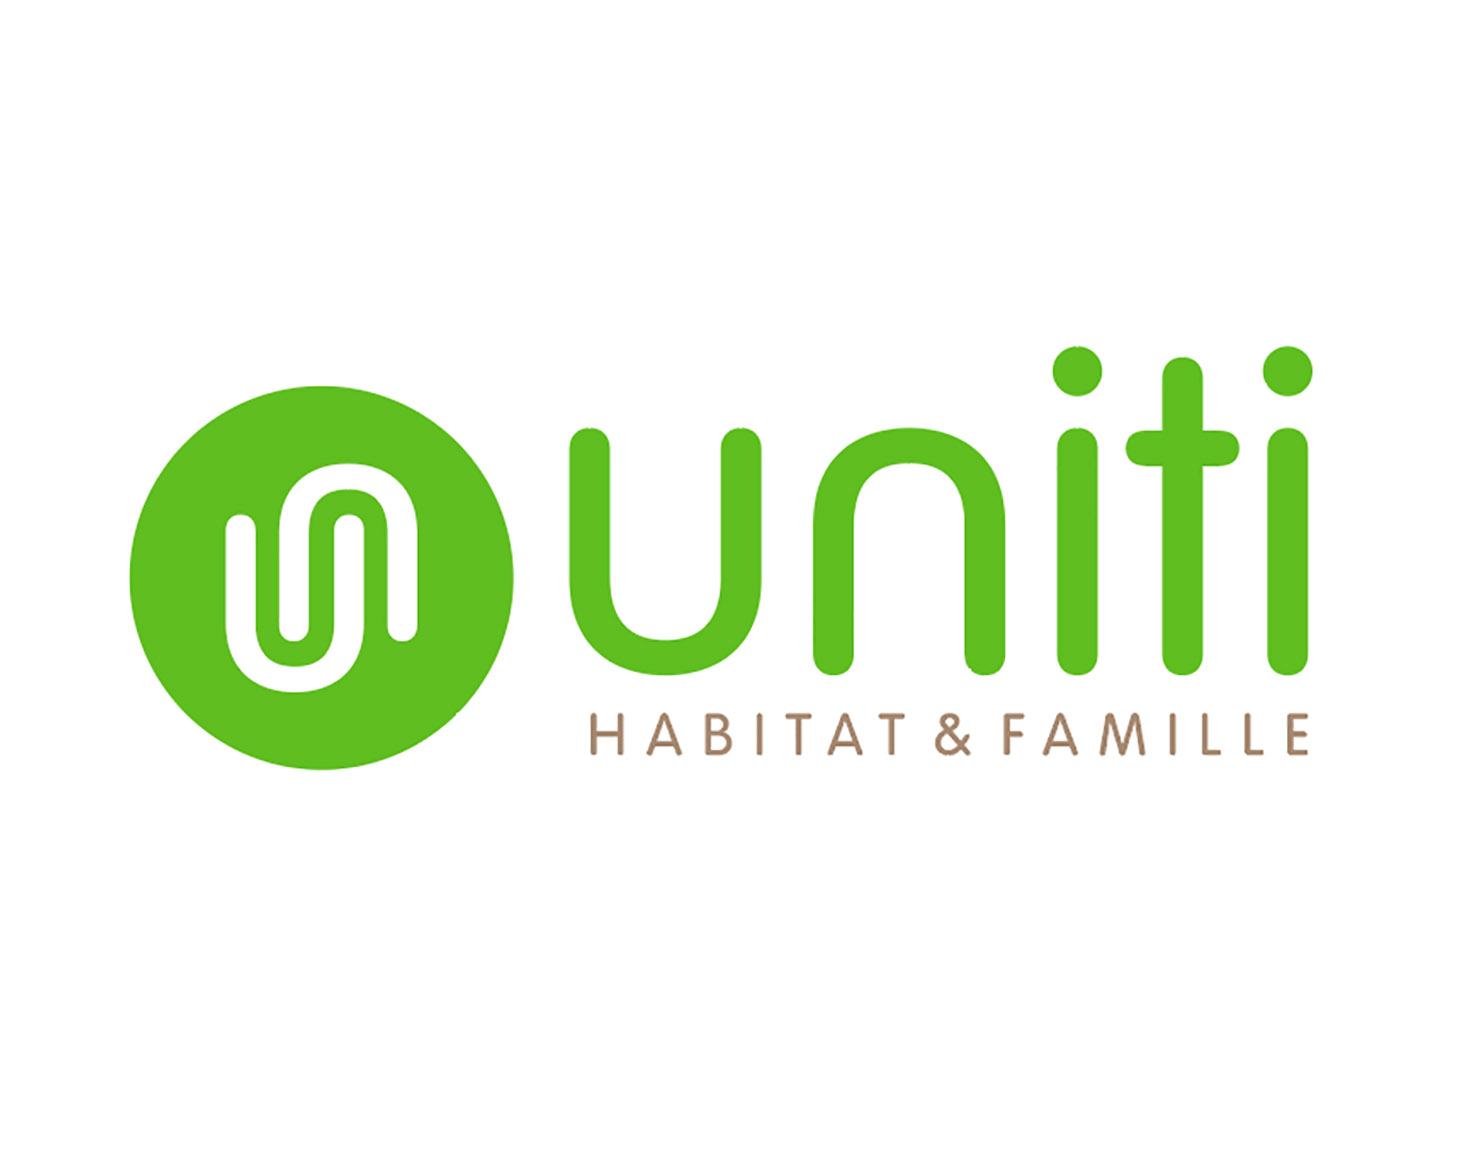 Uniti habitat & famille